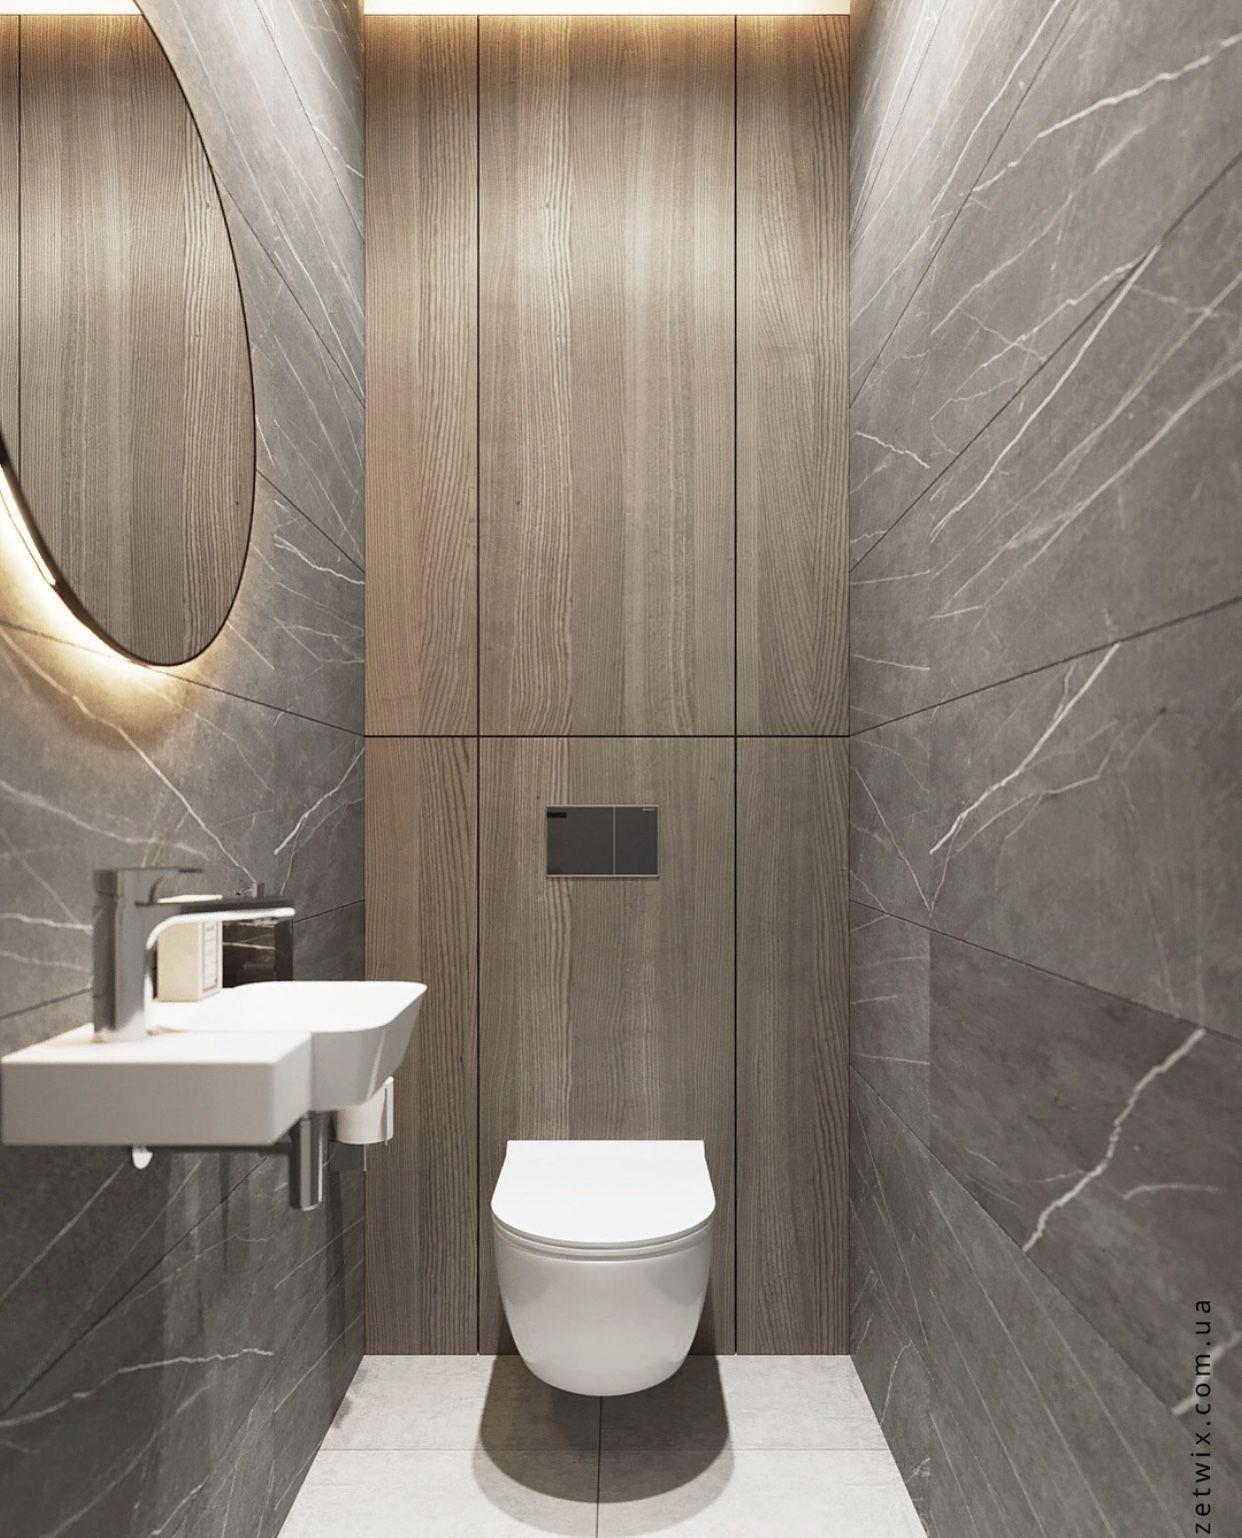 Hide Boiler Behind Tiled Wall Bathroominspo Bathroom Interior Bathroom Layout Luxury Bathroom